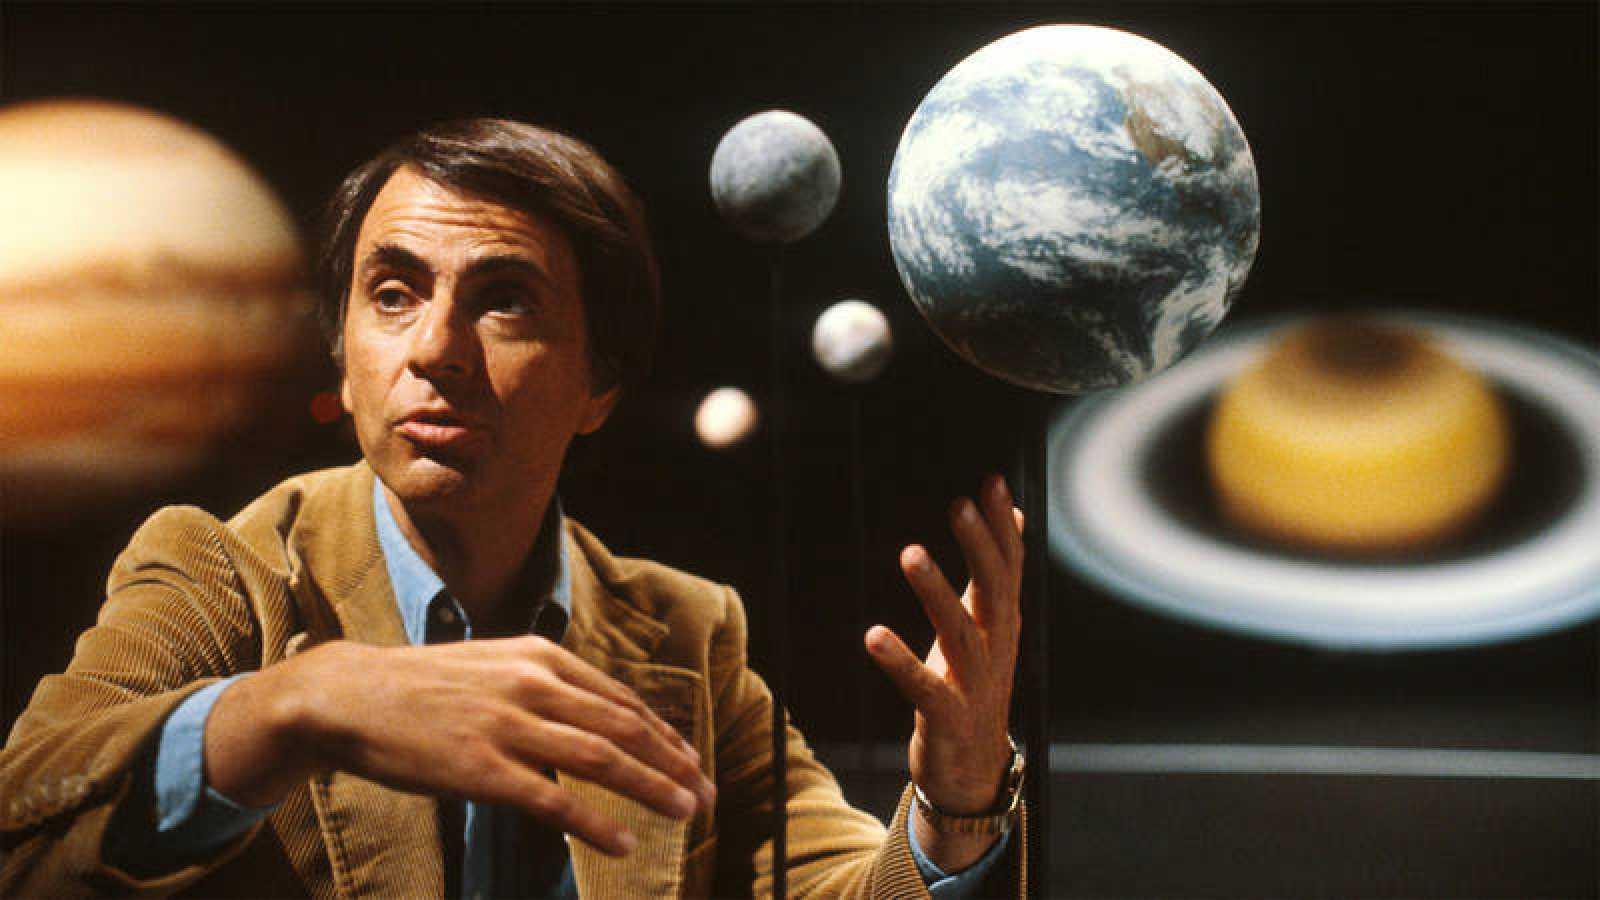 El astrofísico, cosmólogo y divulgador científico Carl Sagan.